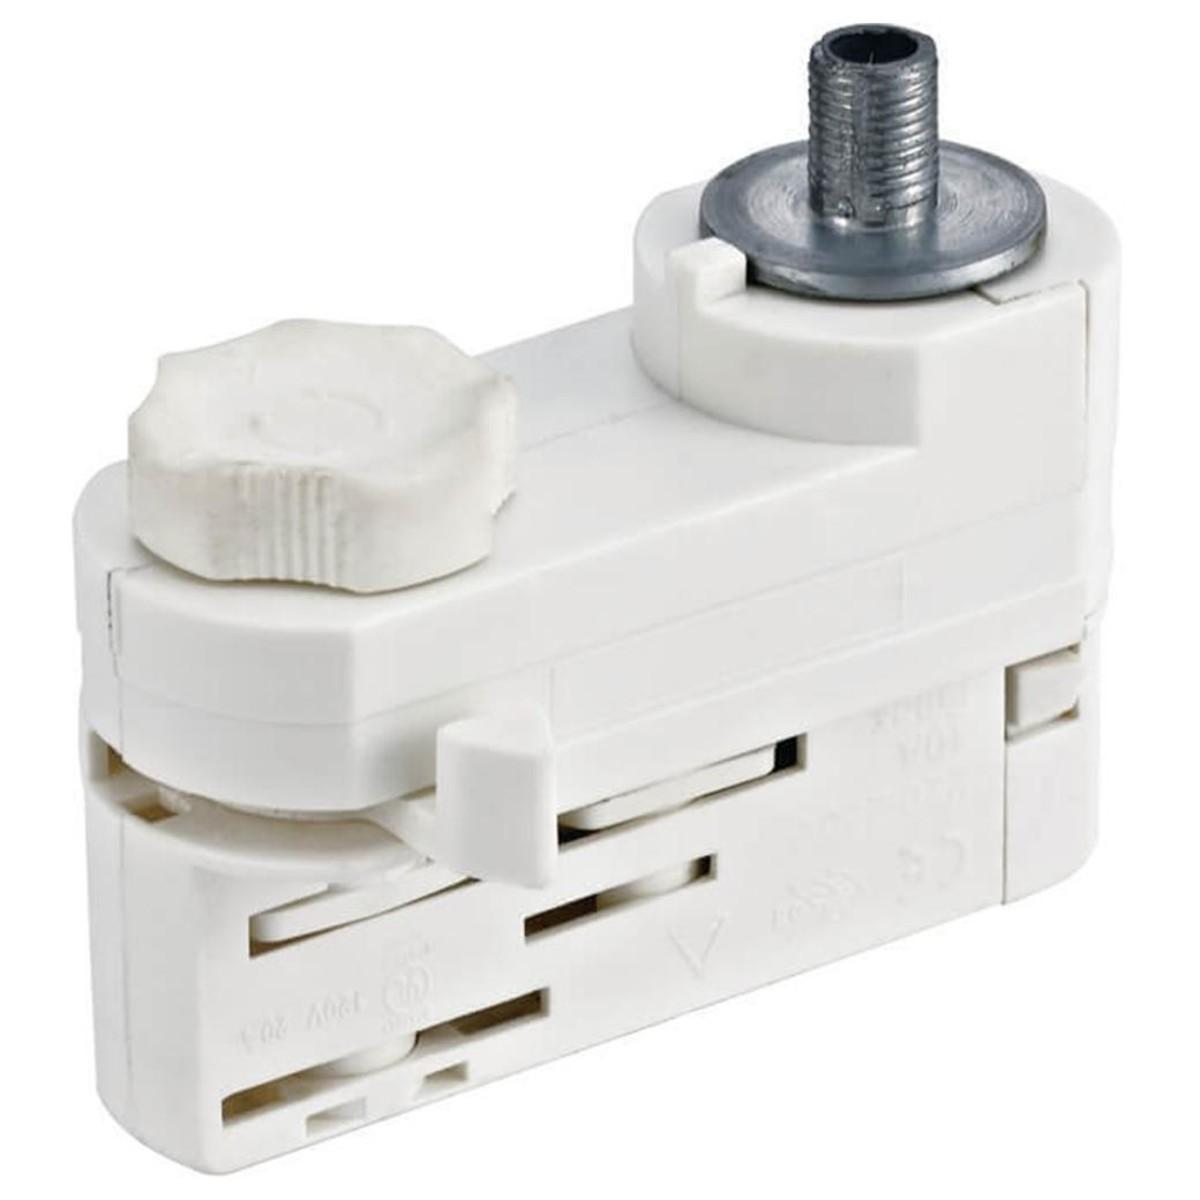 Адаптер для трехфазного шинопровода Uniel UBX-A 09787 пластик